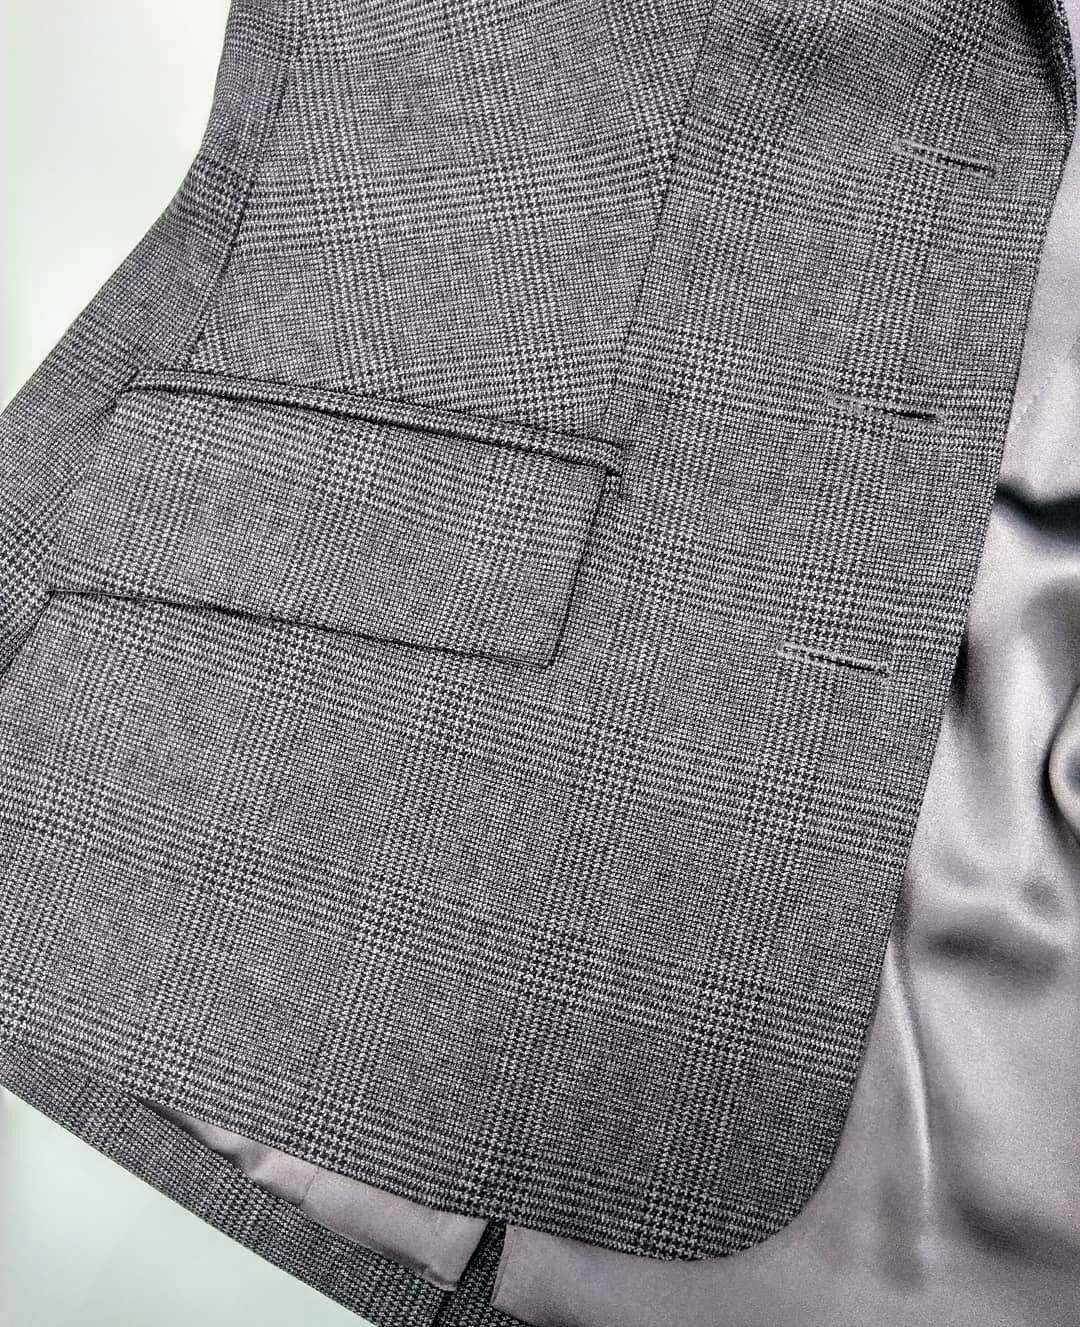 Костюмная ткань Burberry, шелковый подклад и обтянутые кожей пуговицы